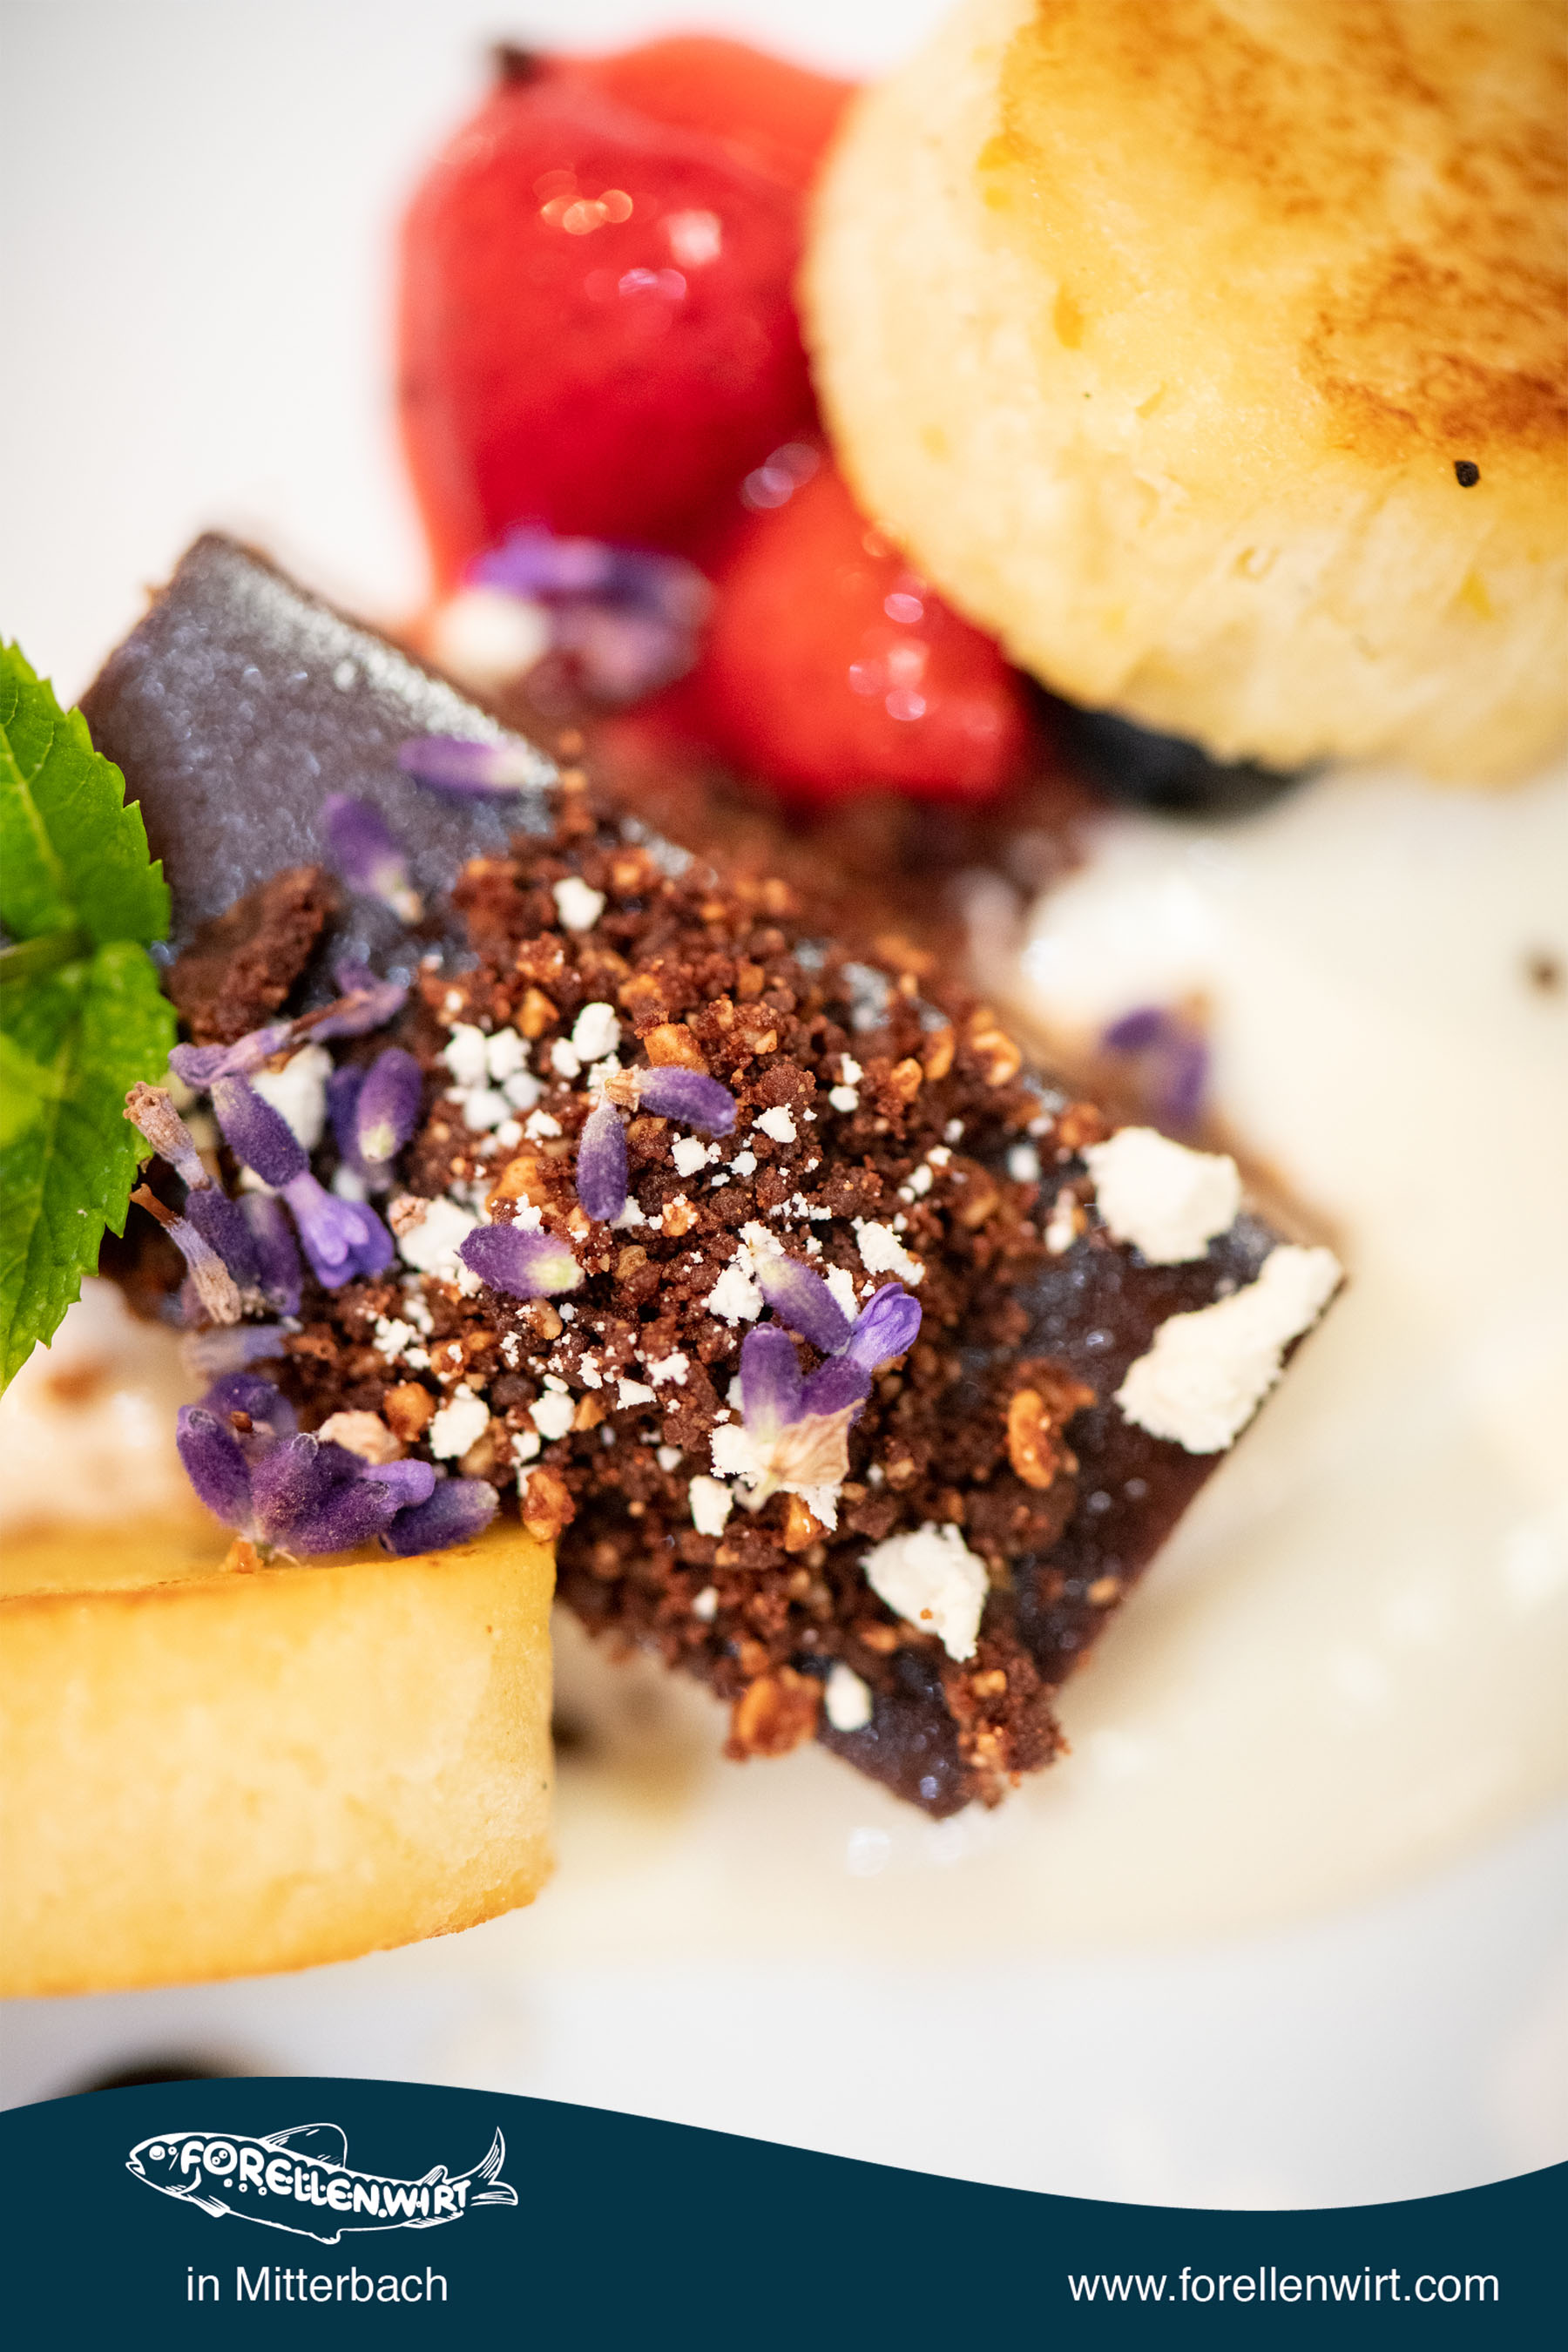 Köstliche Desserts beim Forellenwirt in Mitterbach